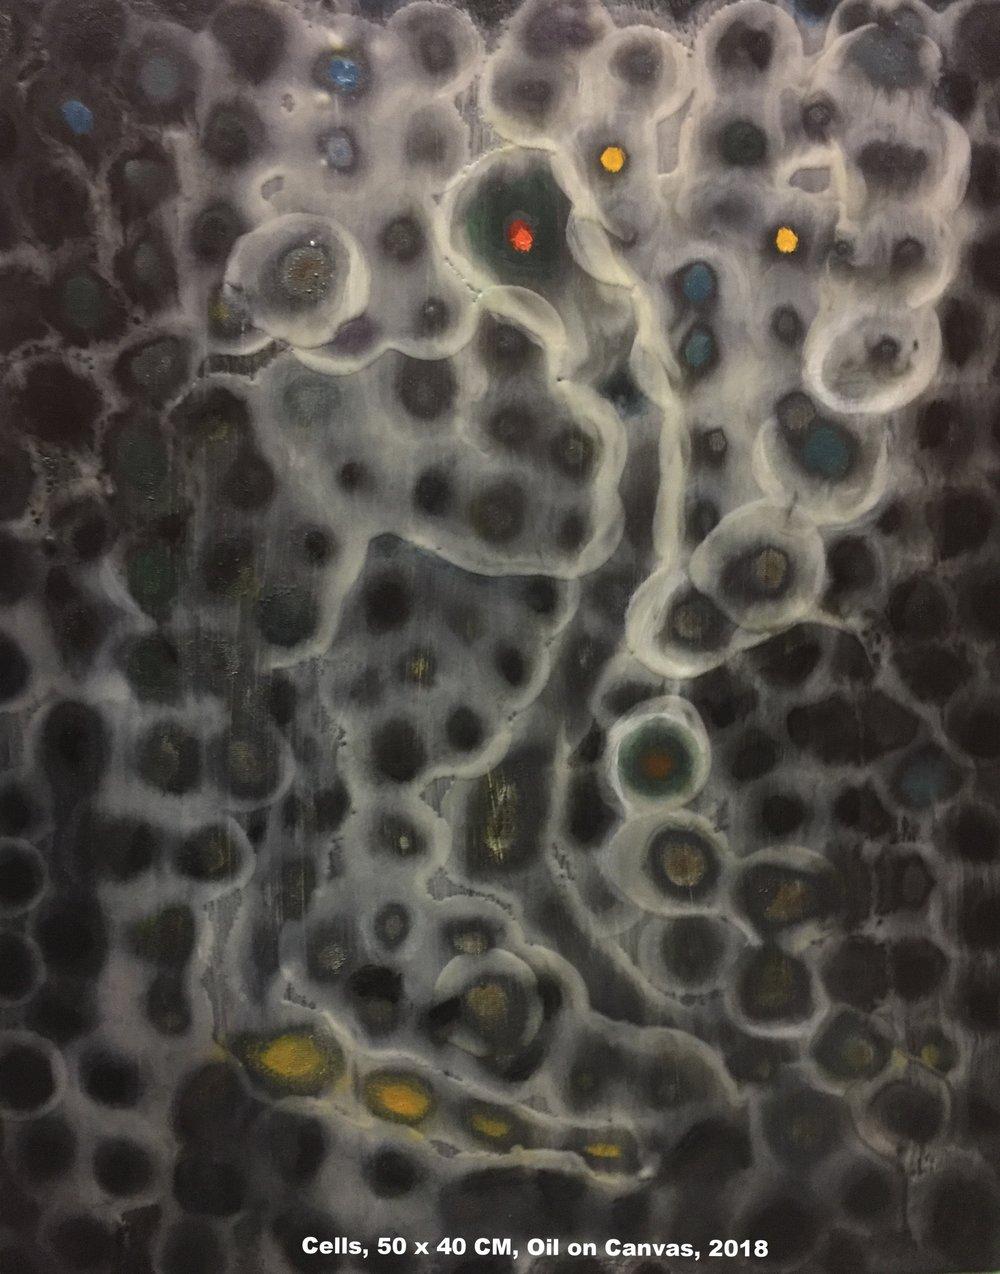 Cells, 50 x 40 CM Oil on Canvas, 2018.jpg